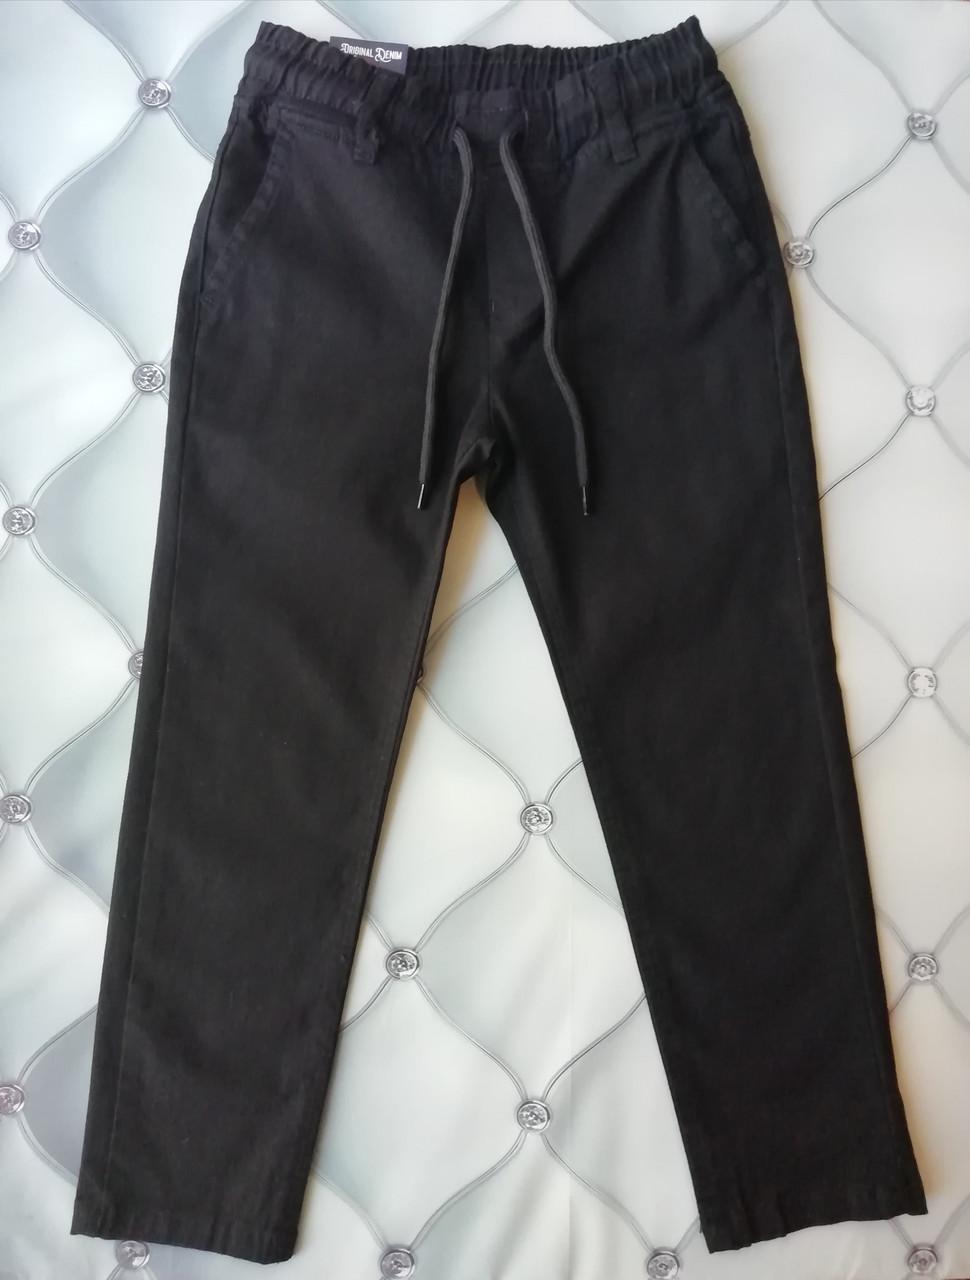 Котонові штани для хлопчика, чорні, Туреччина, р. 6 і 9 років